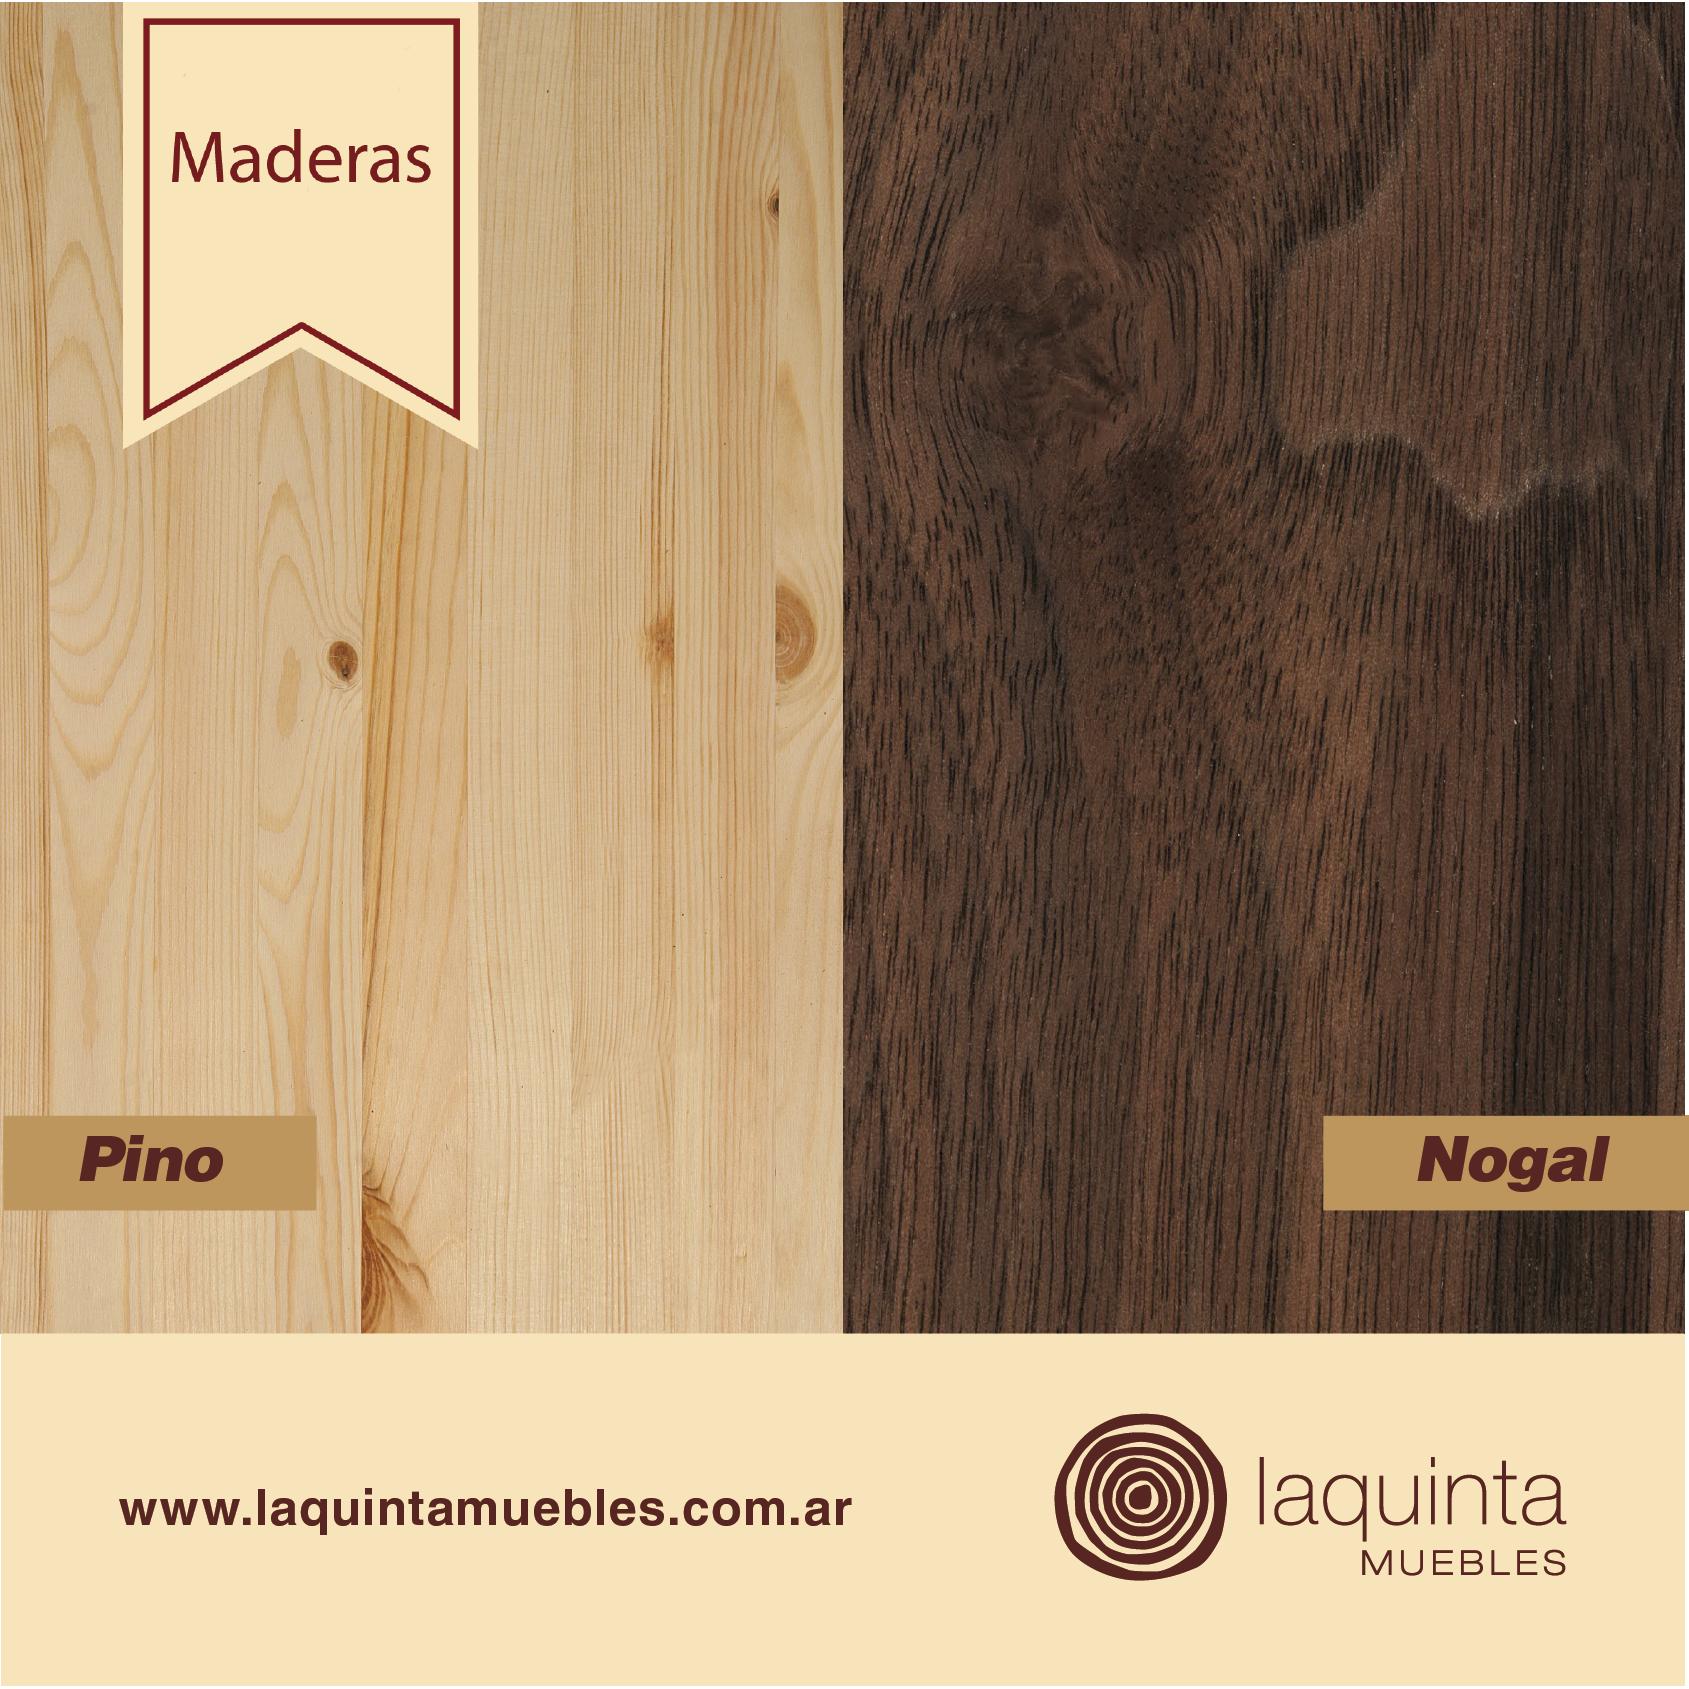 Sab As Que Hay Dos Tipos De Maderas Las Maderas Blandas Como La  # Muebles Cedro Y Nogal